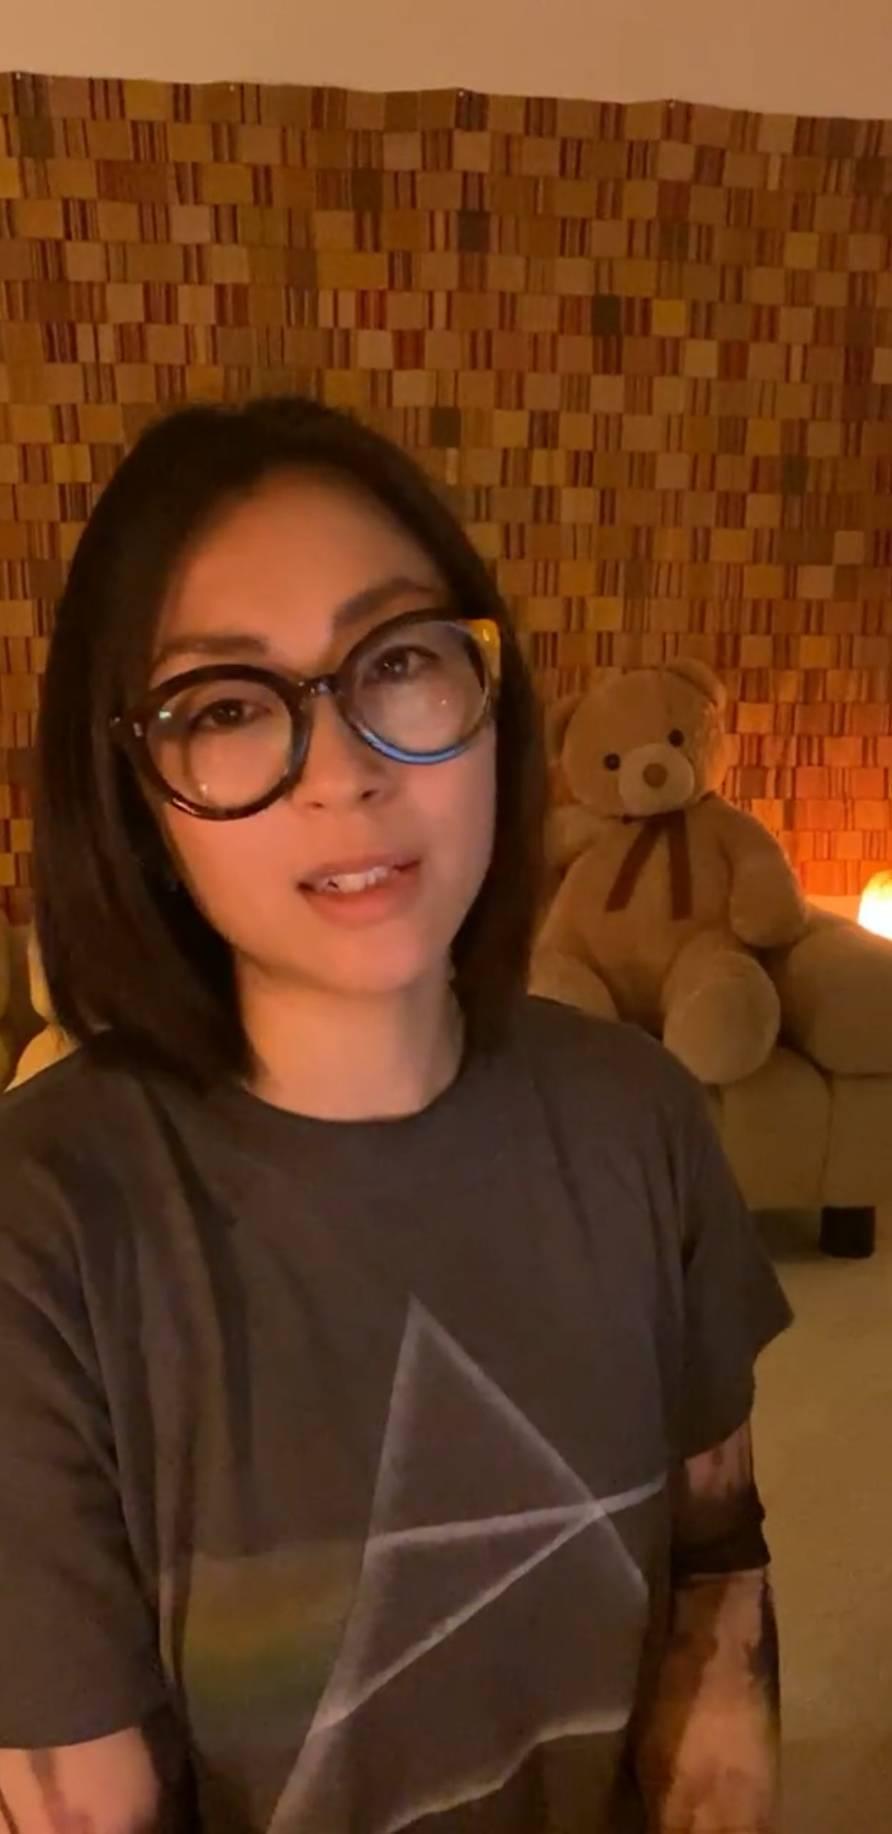 宇多田光透過介紹熊玩偶,重新為自己性別定義。 圖/摘自IG